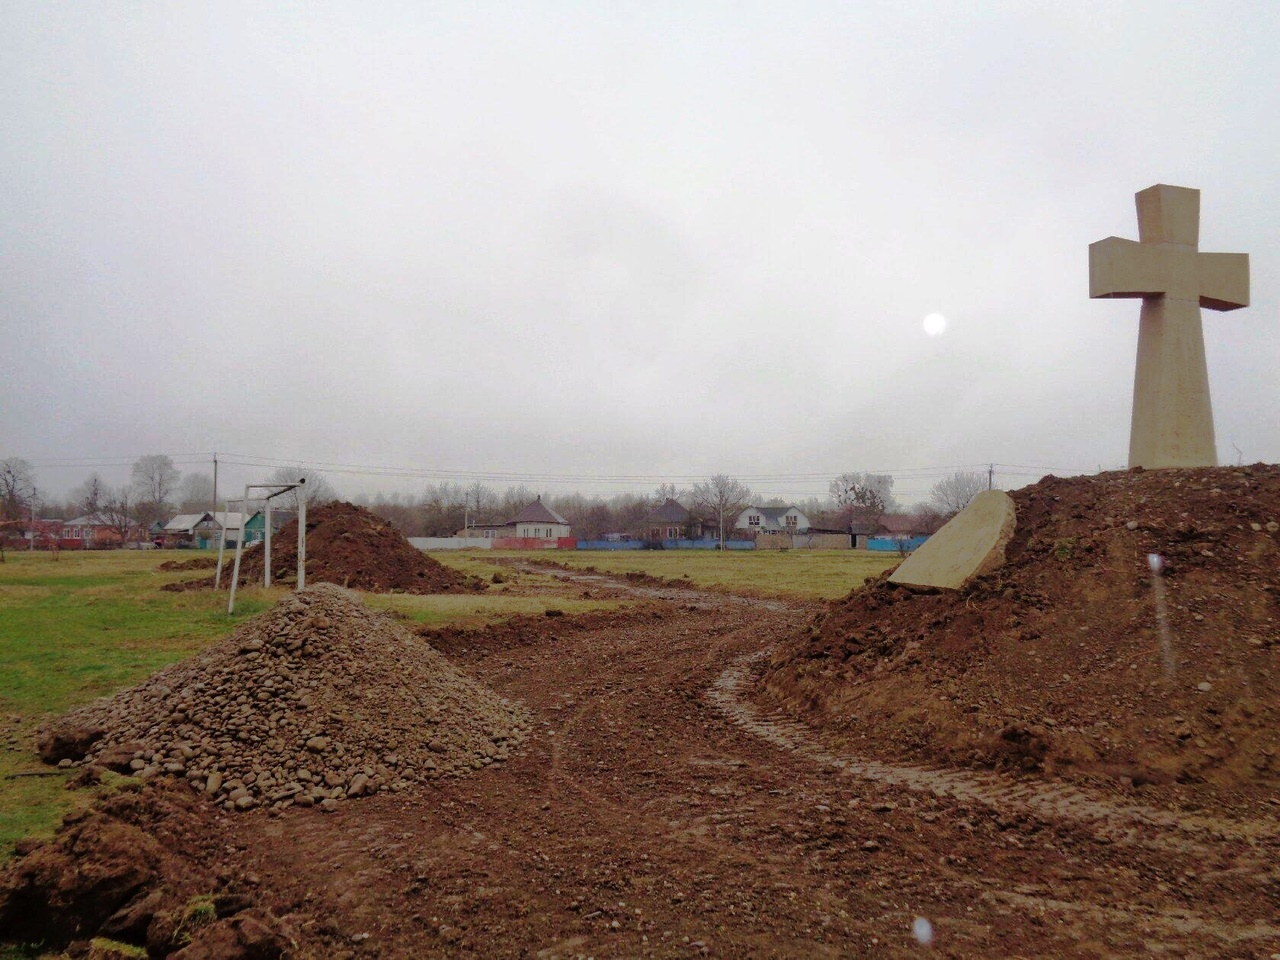 Силами казаков благоустройство территории вокруг памятника продолжается